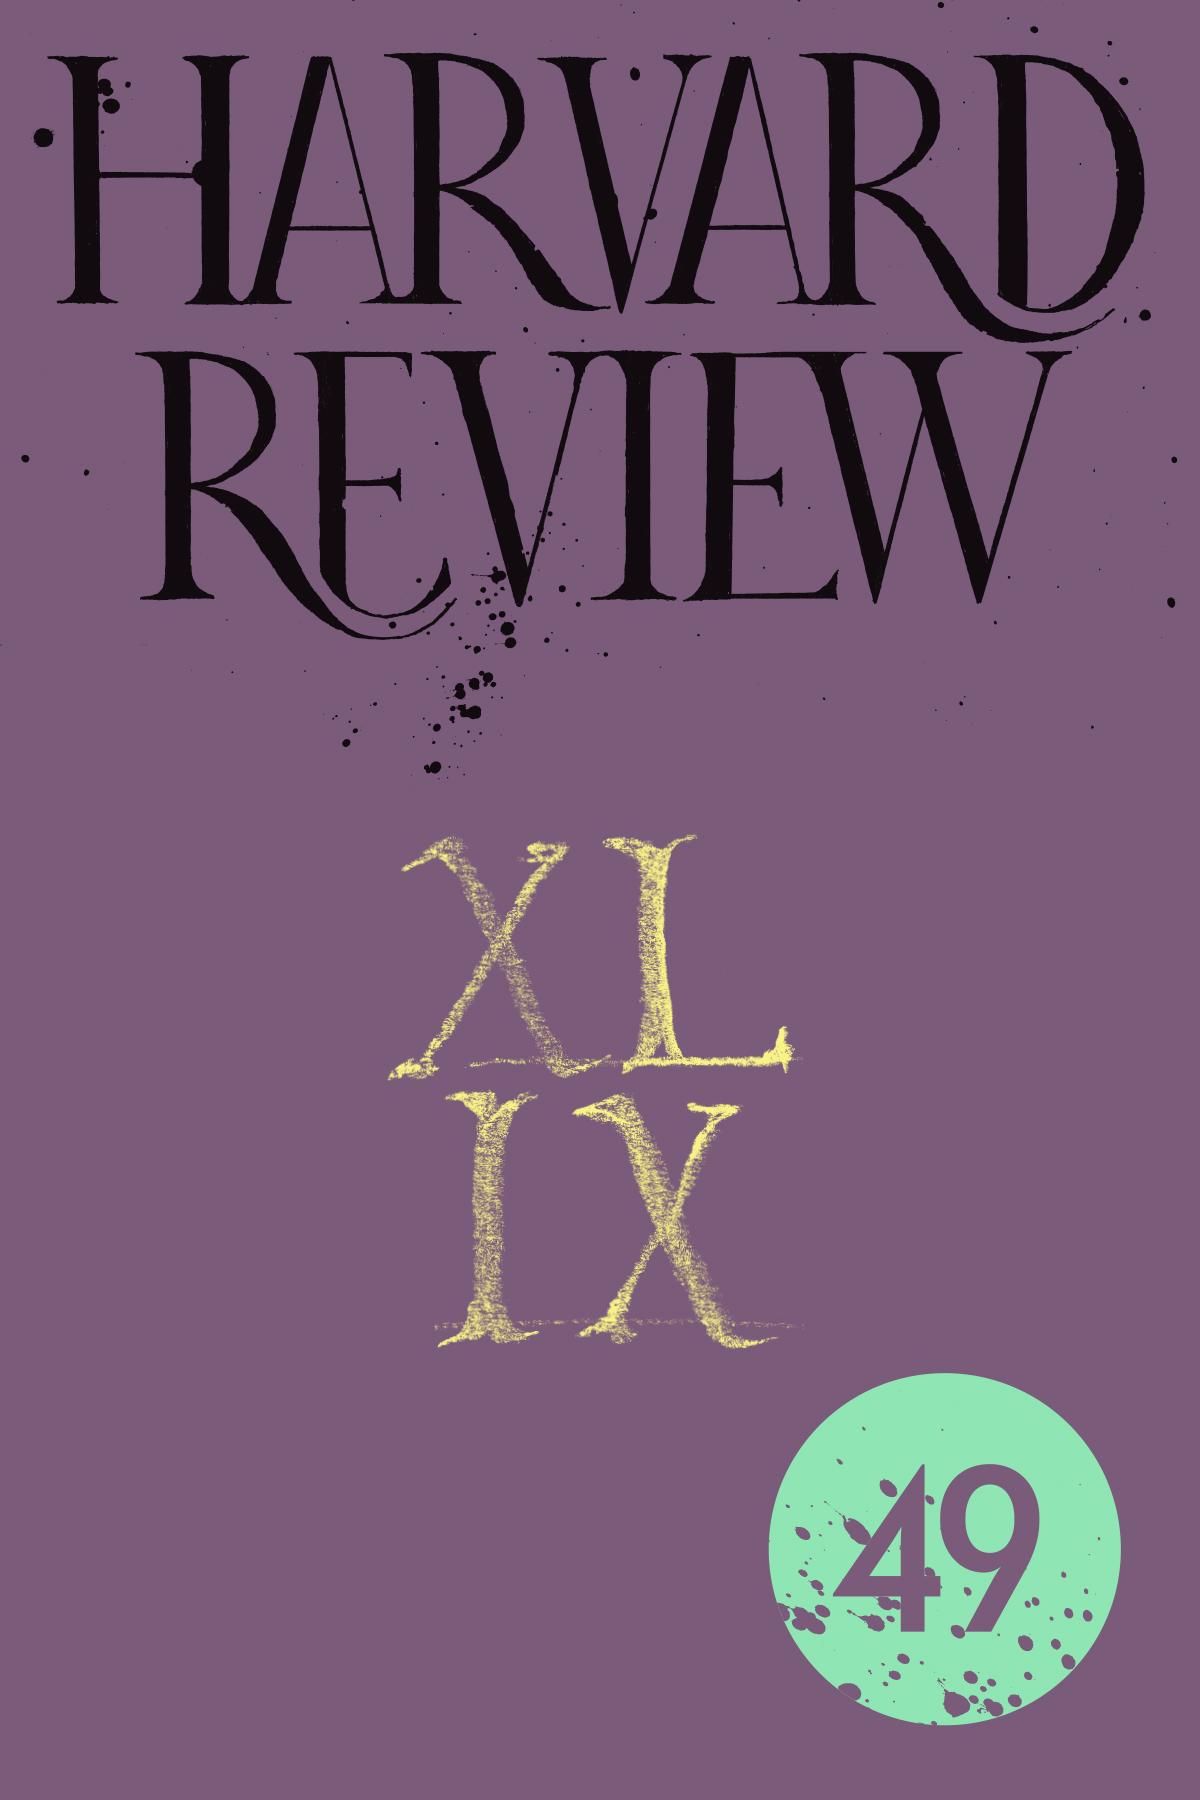 Harvard Review 49